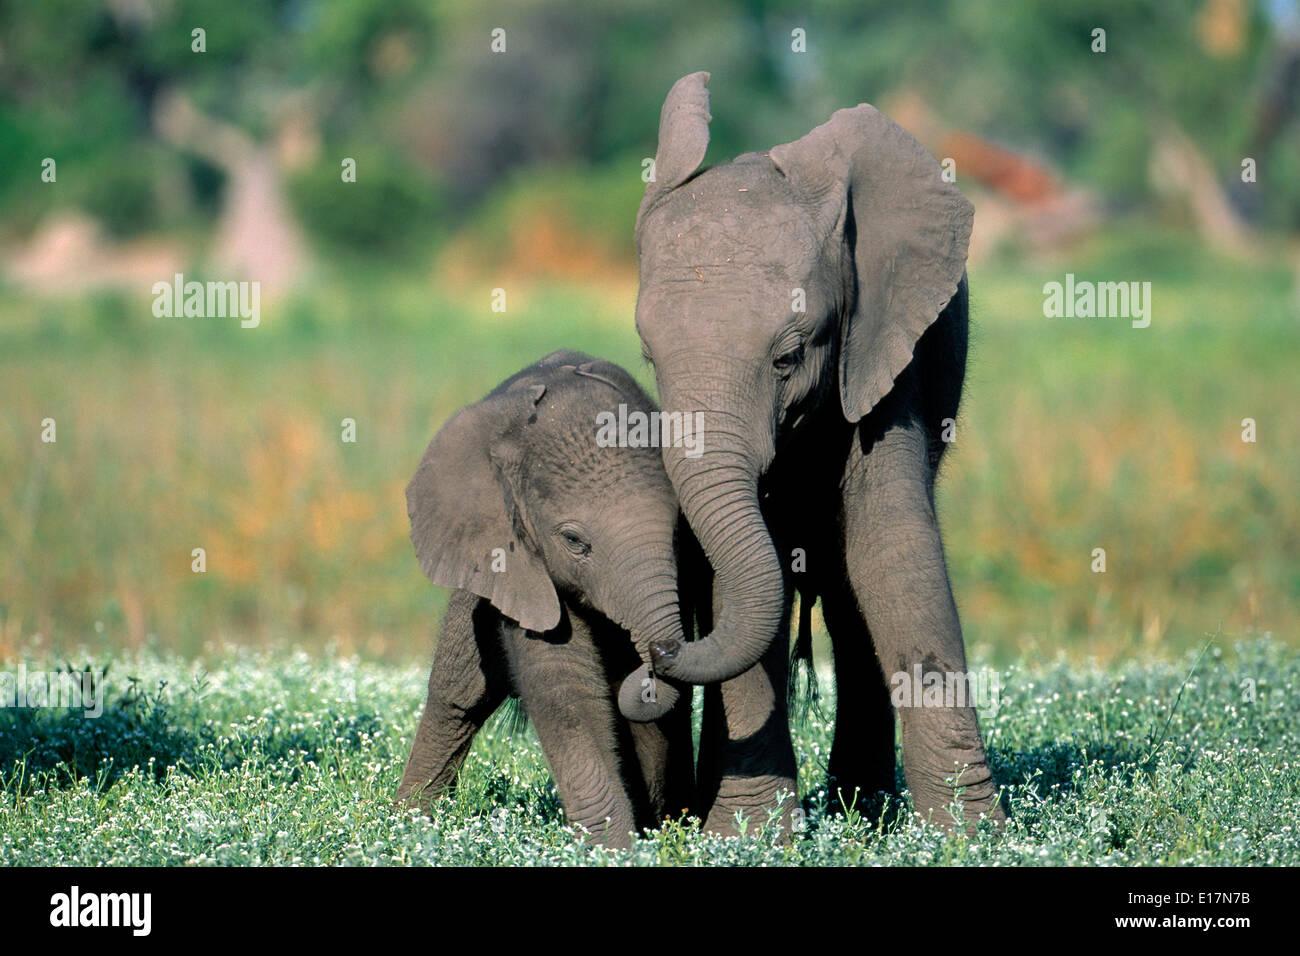 L'éléphant africain (Loxodonta africana) Veaux de jouer. Delta Okovango, Botswana Banque D'Images